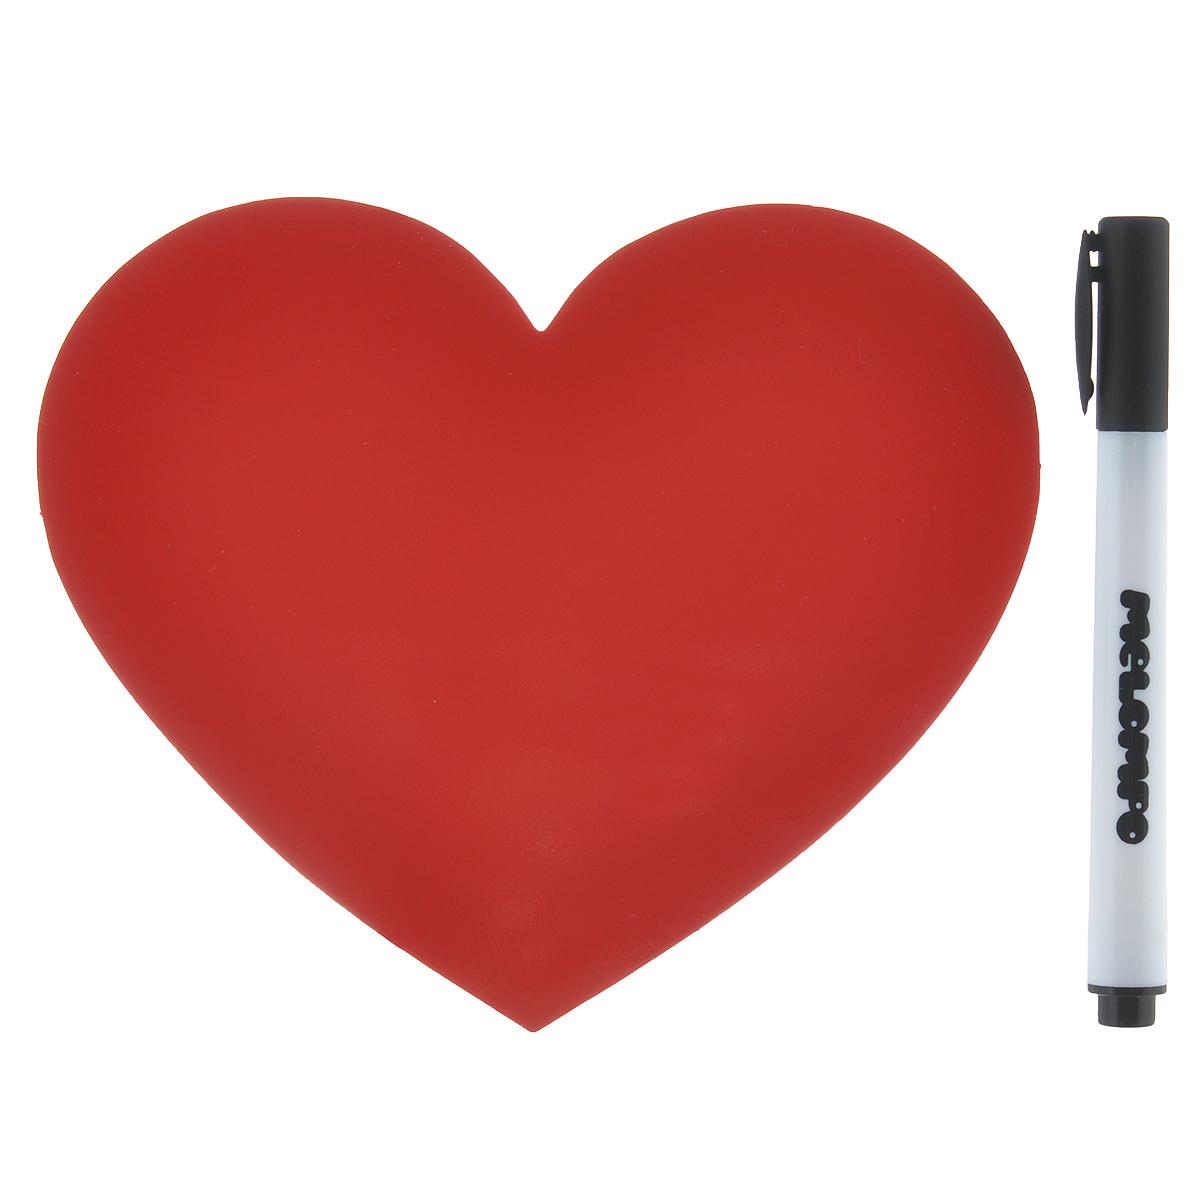 Памятка маркерная Melompo Сердце, 12 х 10 смFS-91909Магнитная доска на холодильник Melompo Сердце - оригинальная вещь для ежедневных посланий родным и близким. Доска выполнена в виде сердца.В комплект входят:Памятка - легко примагничивается и просто снимается.Маркер - прекрасно пишет и также хорошо стирается.Держатель - позволит примагнитить памятку к неметаллической поверхности.